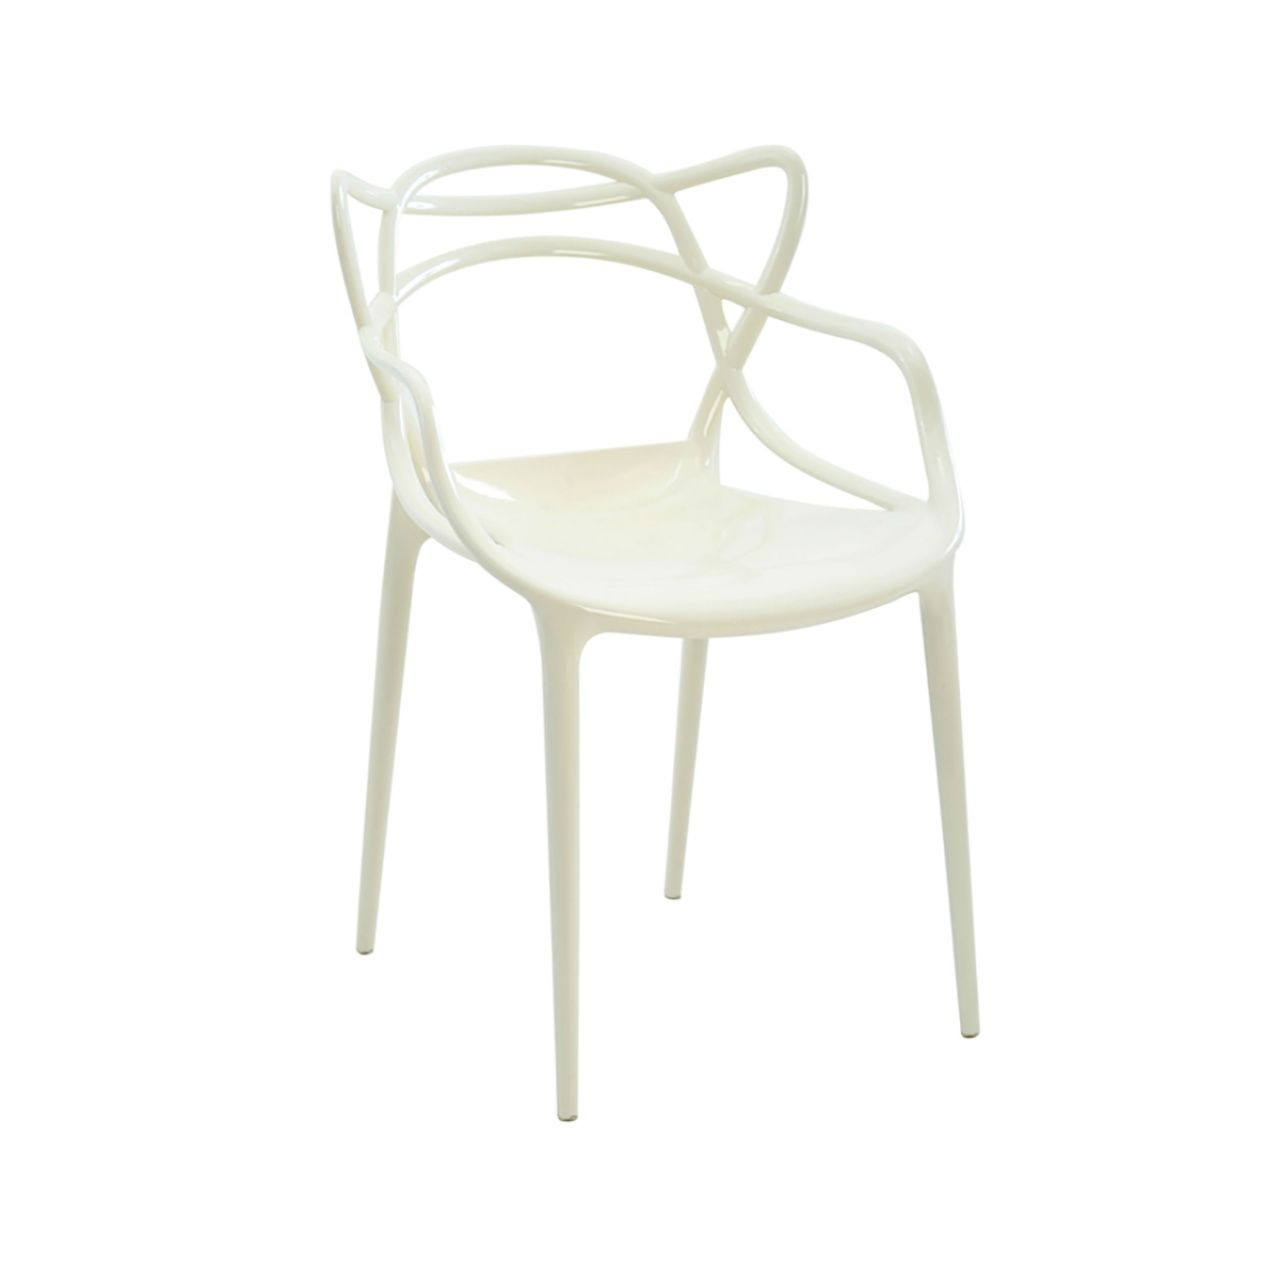 cadeira-allegra-masters-de-policarbonato-rivatti